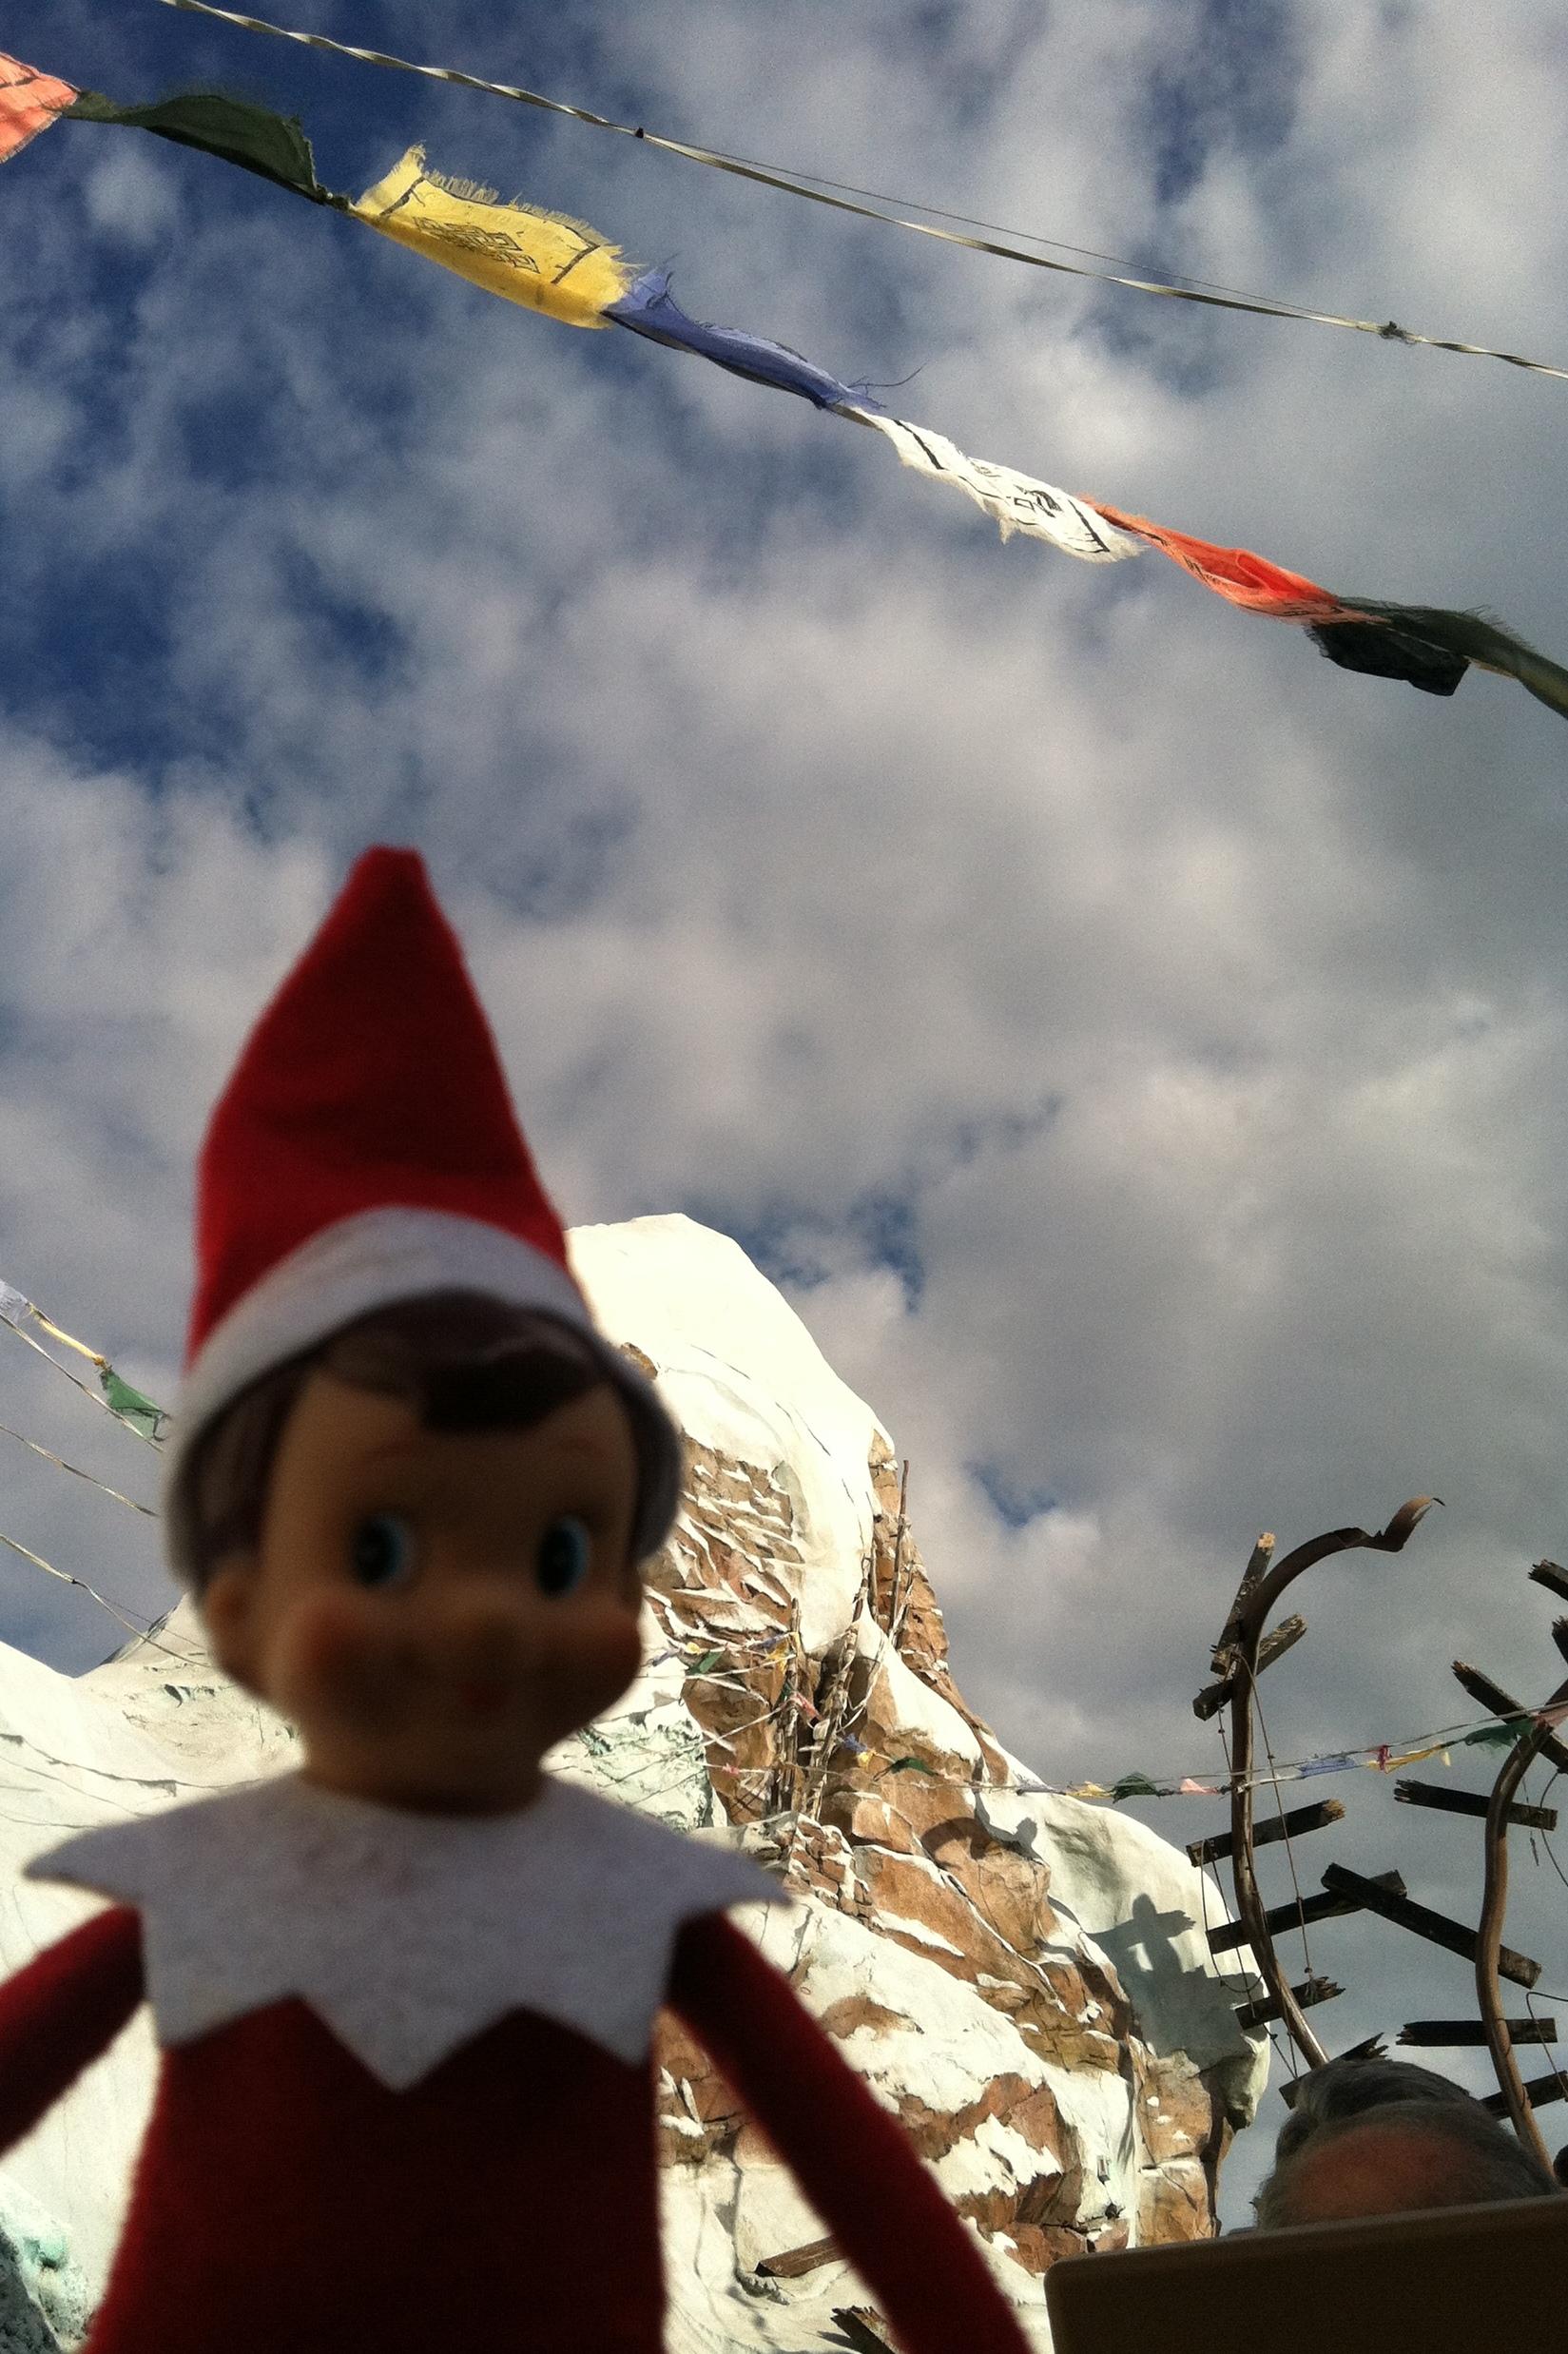 Extra tiny elf on the shelf uma jolie - 1 9